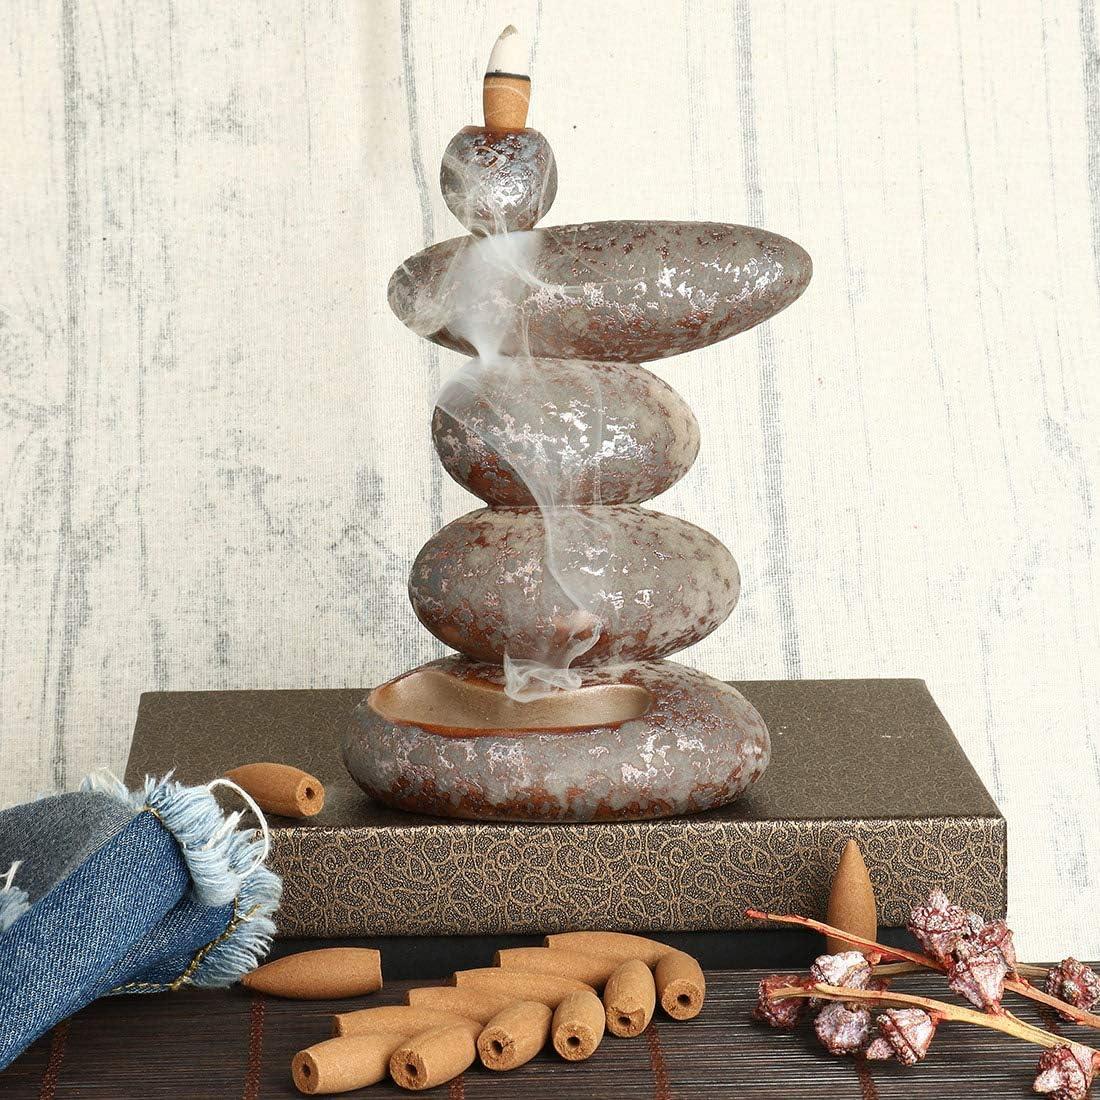 Quemador de incienso de cerámica, cascada, conos de incienso, soporte para incienso con 10 conos gratis, decoración del hogar, regalo artesanal, piedras de varias capas